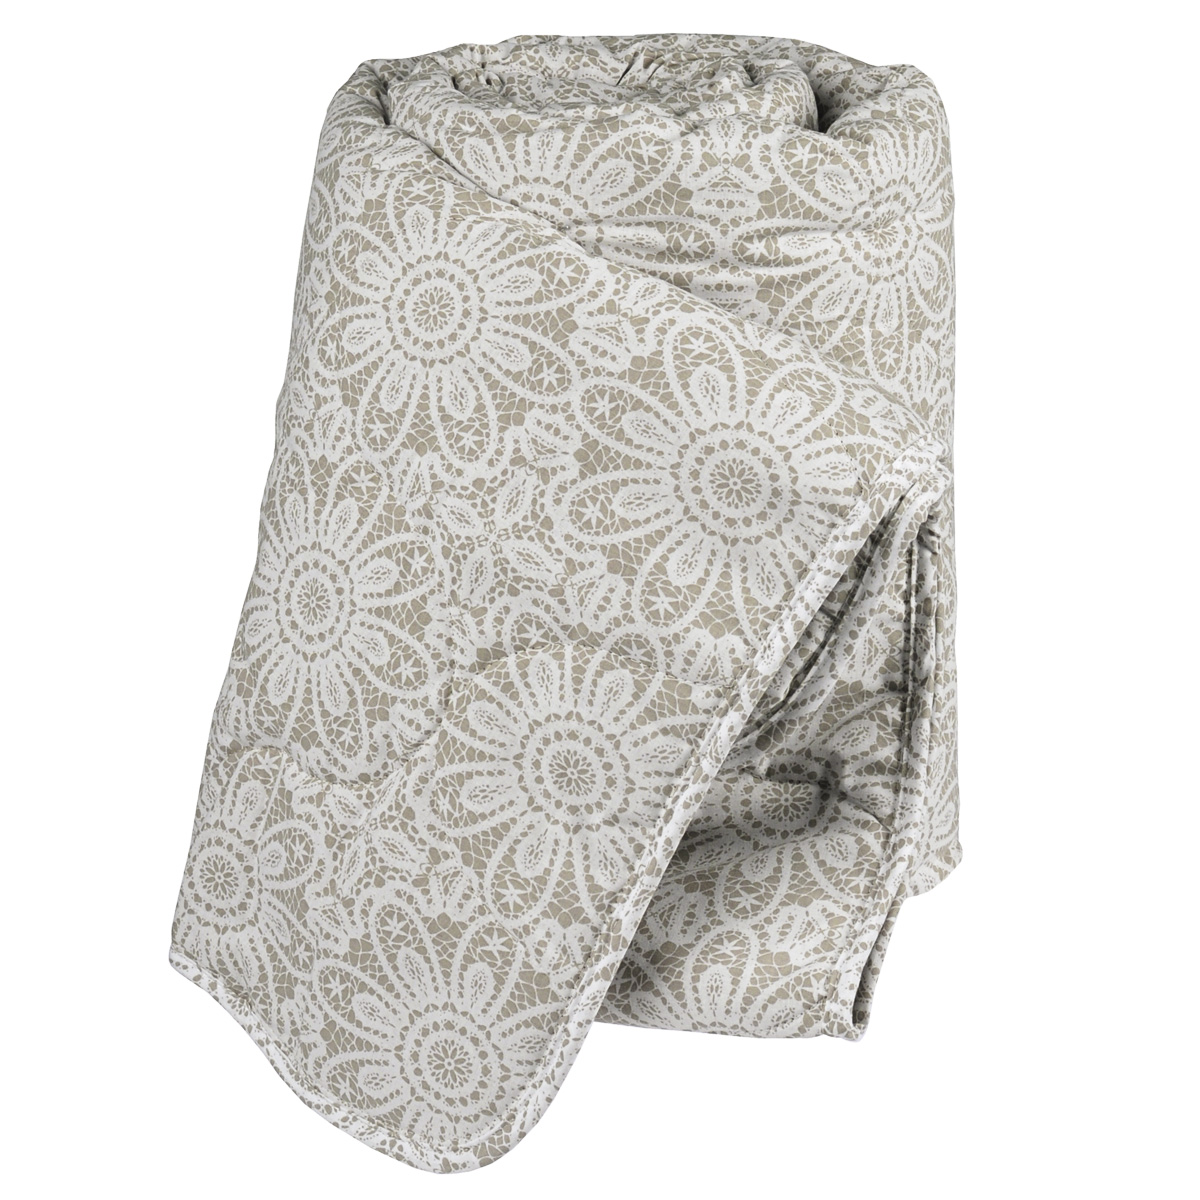 Одеяло Green Line Лен, наполнитель: льняное волокно, 200 см х 220 см187857Мягкое и комфортное одеяло Green Line Лен подарит вам незабываемое чувство уюта и умиротворения.Чехол выполнен из чистого хлопка. Одеяло поможет создать максимально удобные и благоприятные условия для сладкого сна. Преимущества льняного наполнителя:- имеет эффект активного дыхания,- природный антисептик,- холодит в жару и согревает в холод.Лен полезен для здоровья, обладает положительной энергетикой. Не стирать, не гладить.Материал верха: 100% хлопок. Наполнитель: 90% льняное волокно, 10% полиэстер. Масса наполнителя: 300 г/м2.